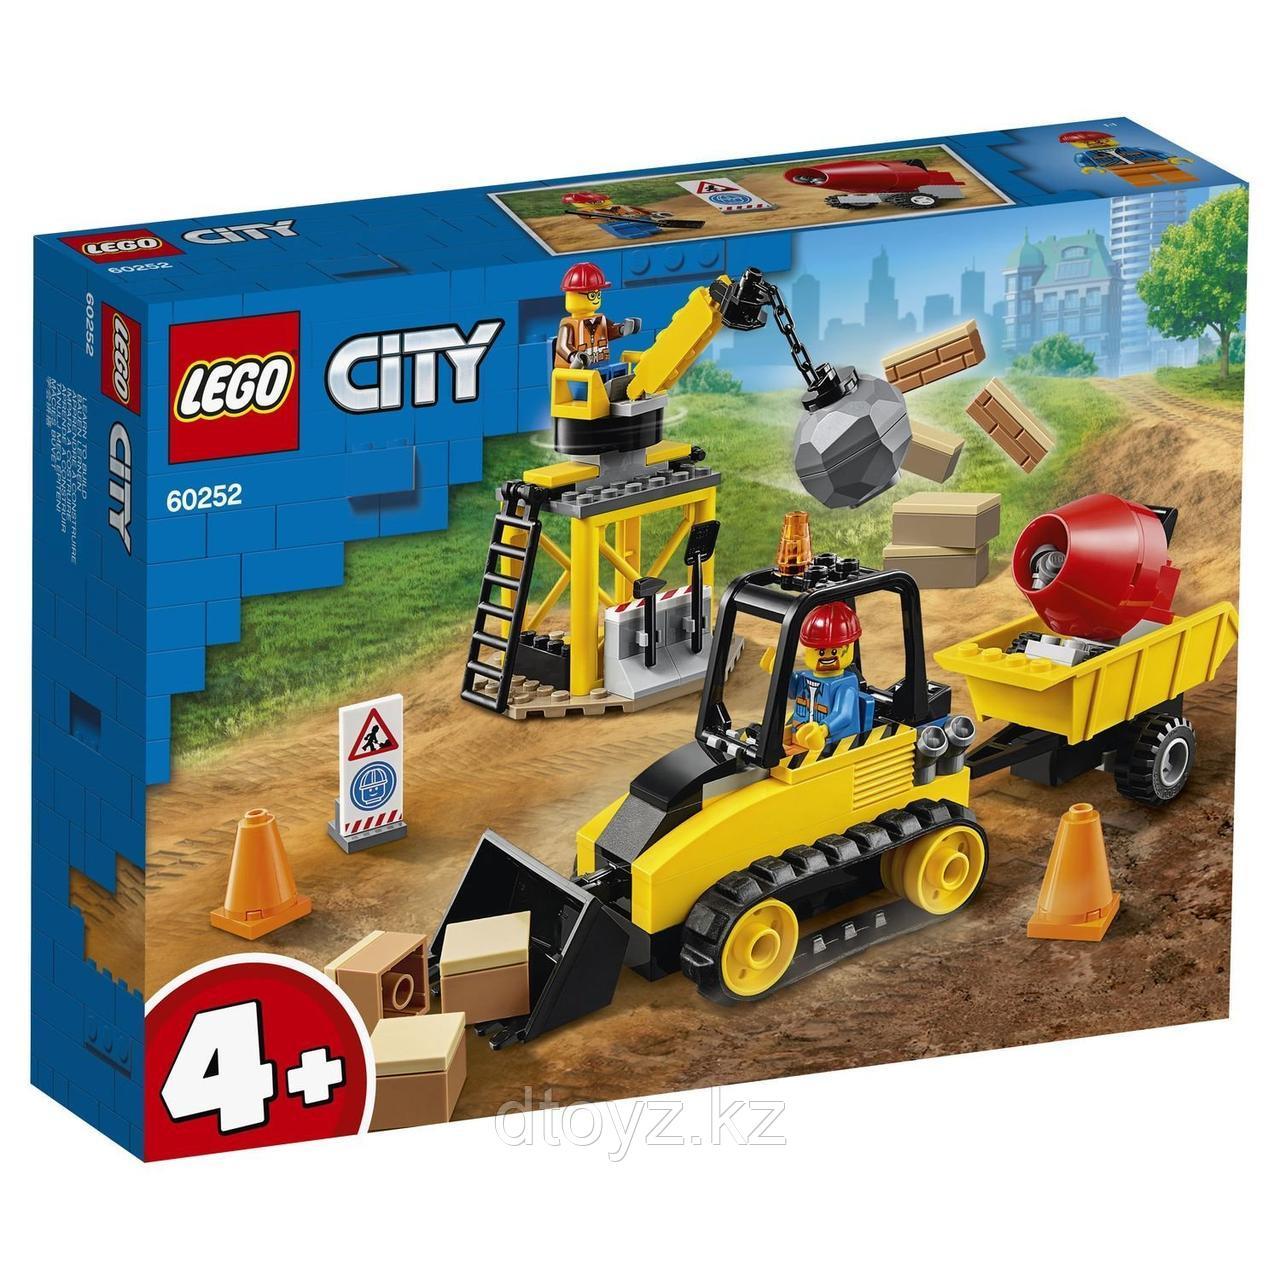 Lego City 60252 Great Vehicles Строительный бульдозер